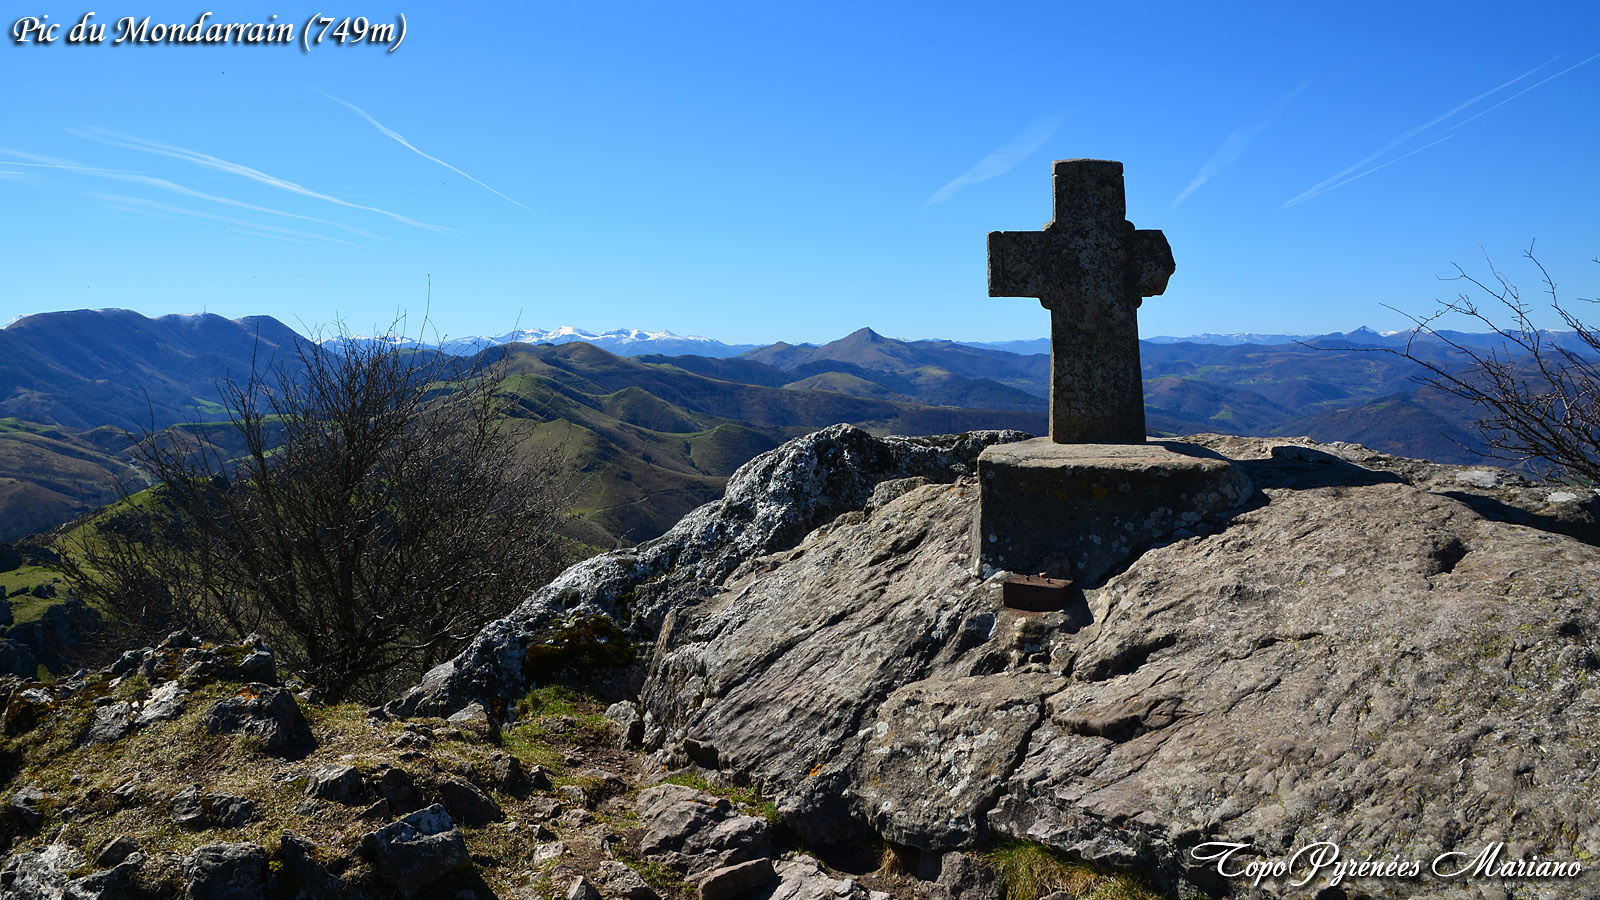 Randonnée Pic du Mondarrain (749m) depuis le col des Veaux